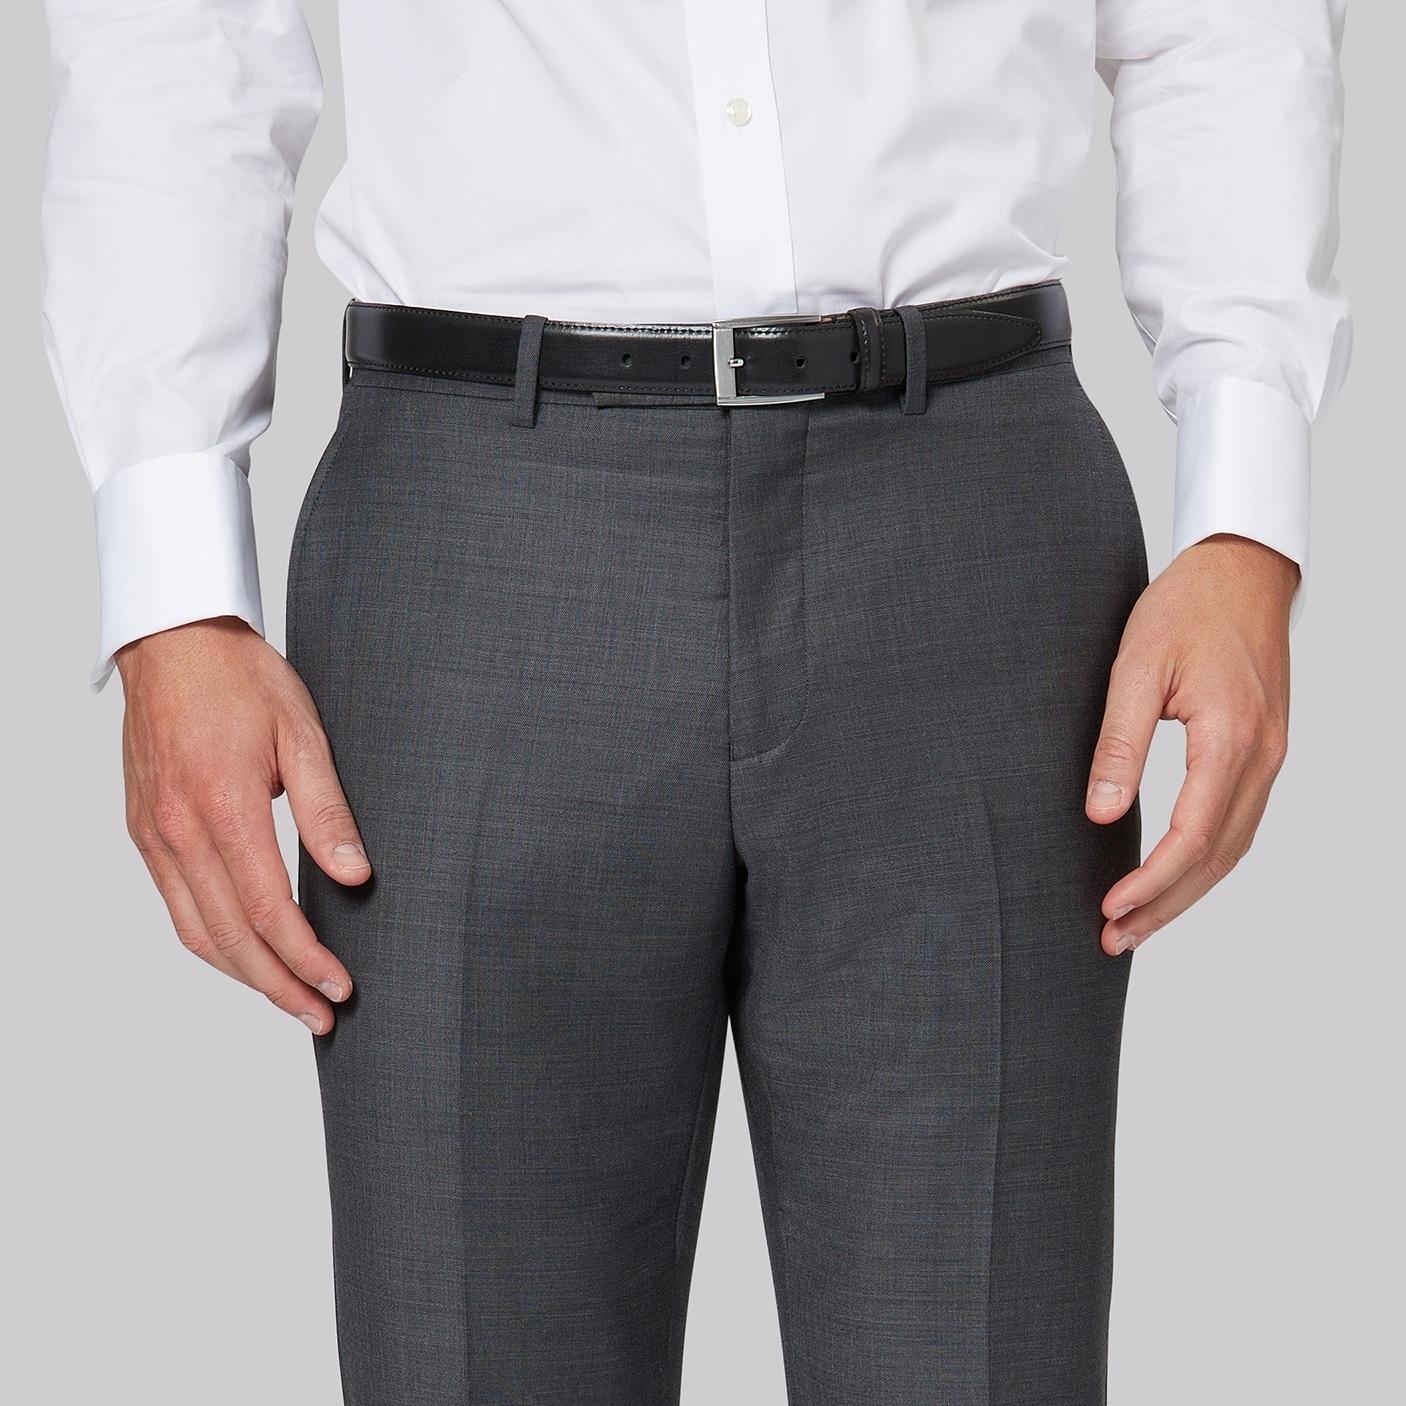 Lined Crotch